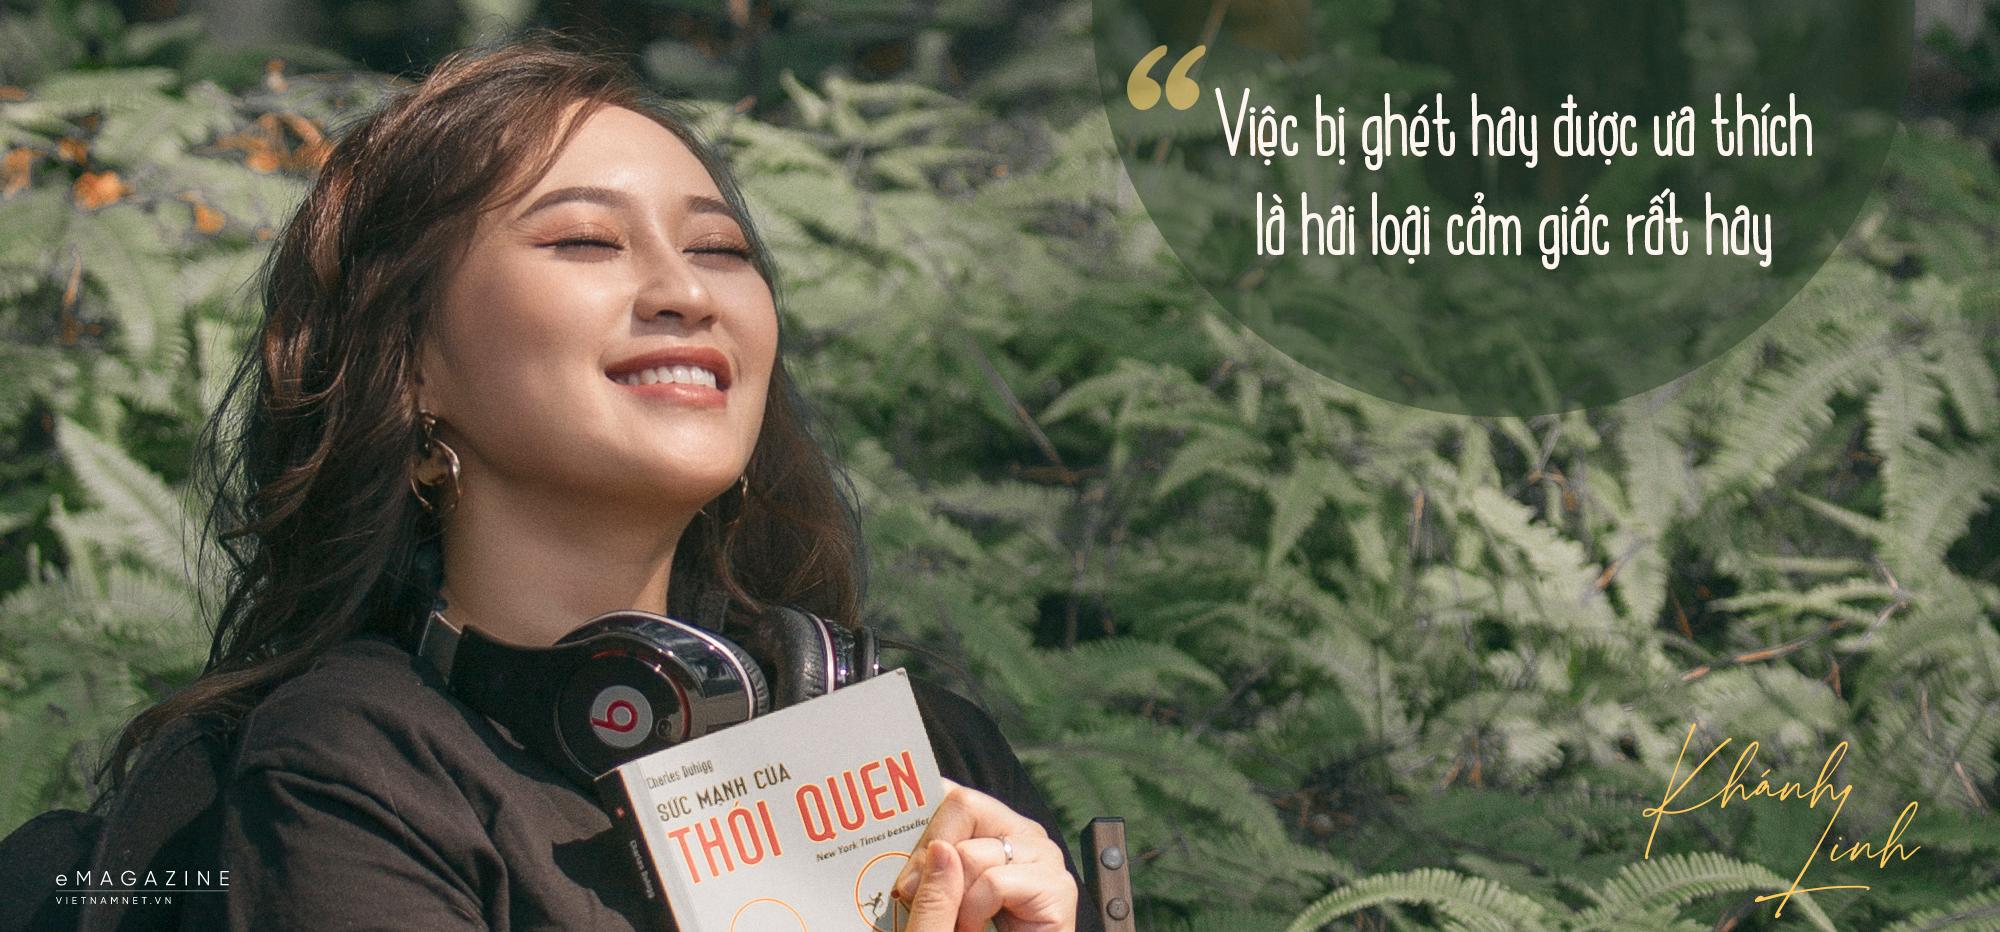 Khánh Linh,Ngọc Châu